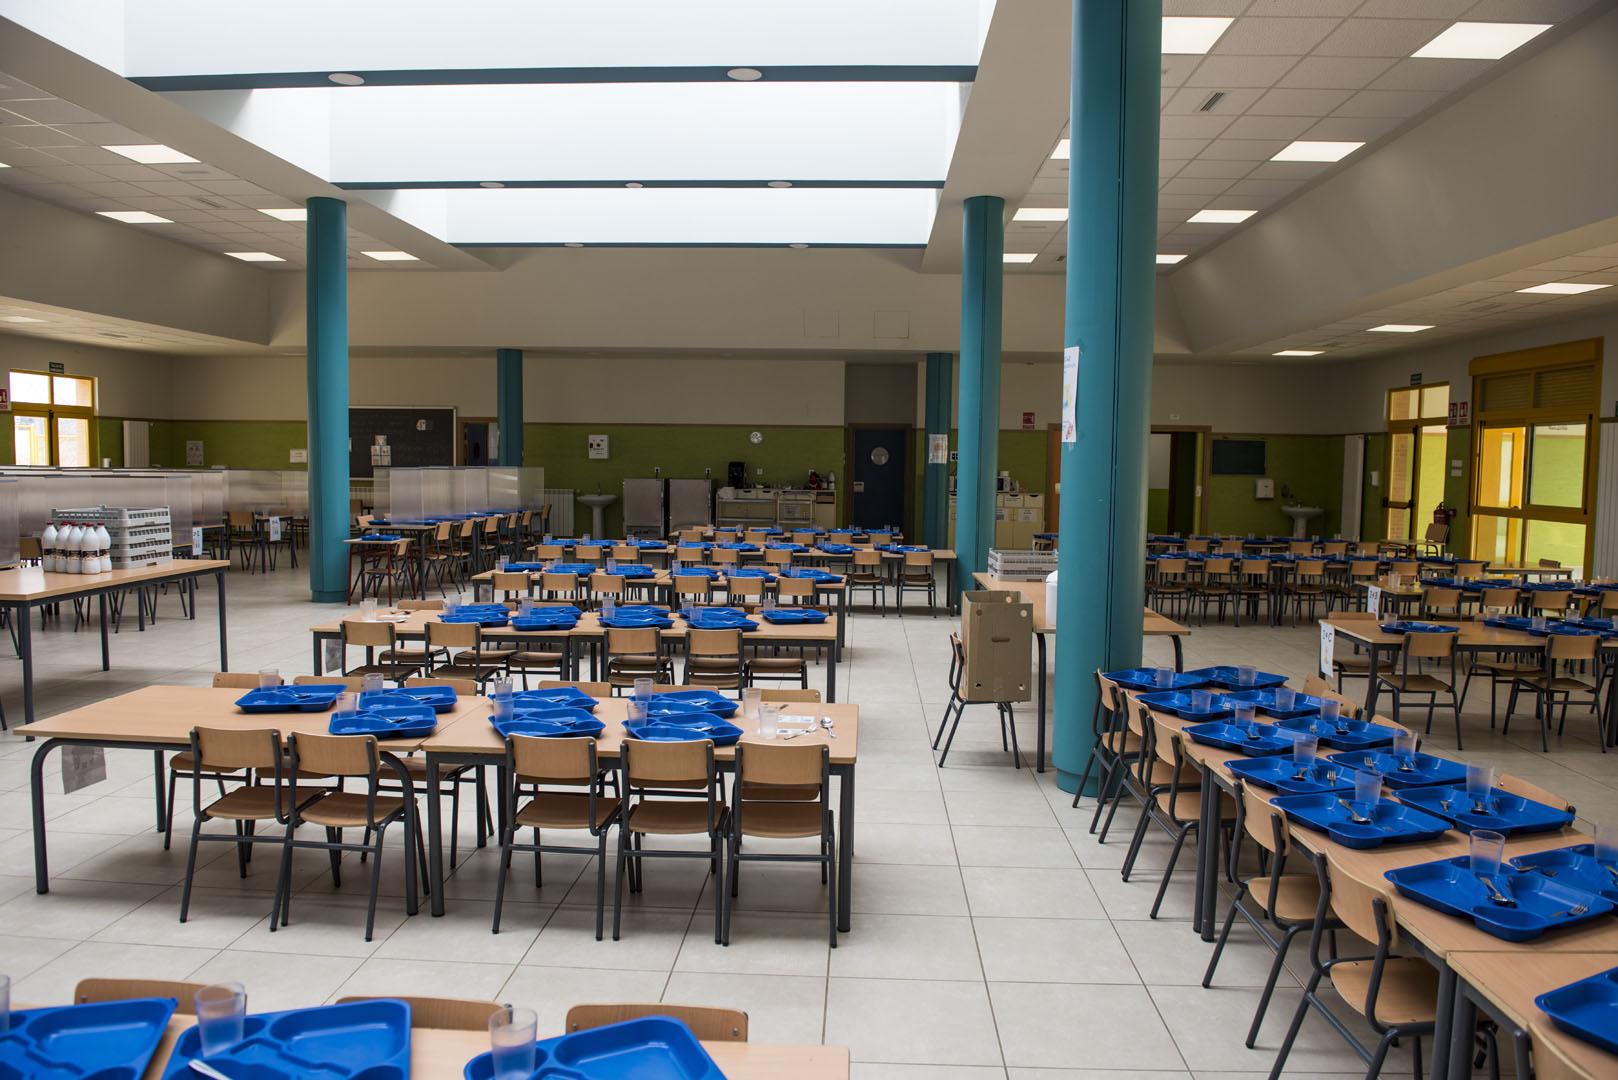 http://www.colegiotempranales.com/images/tempranales/centro/galeria/Comedor2.jpg